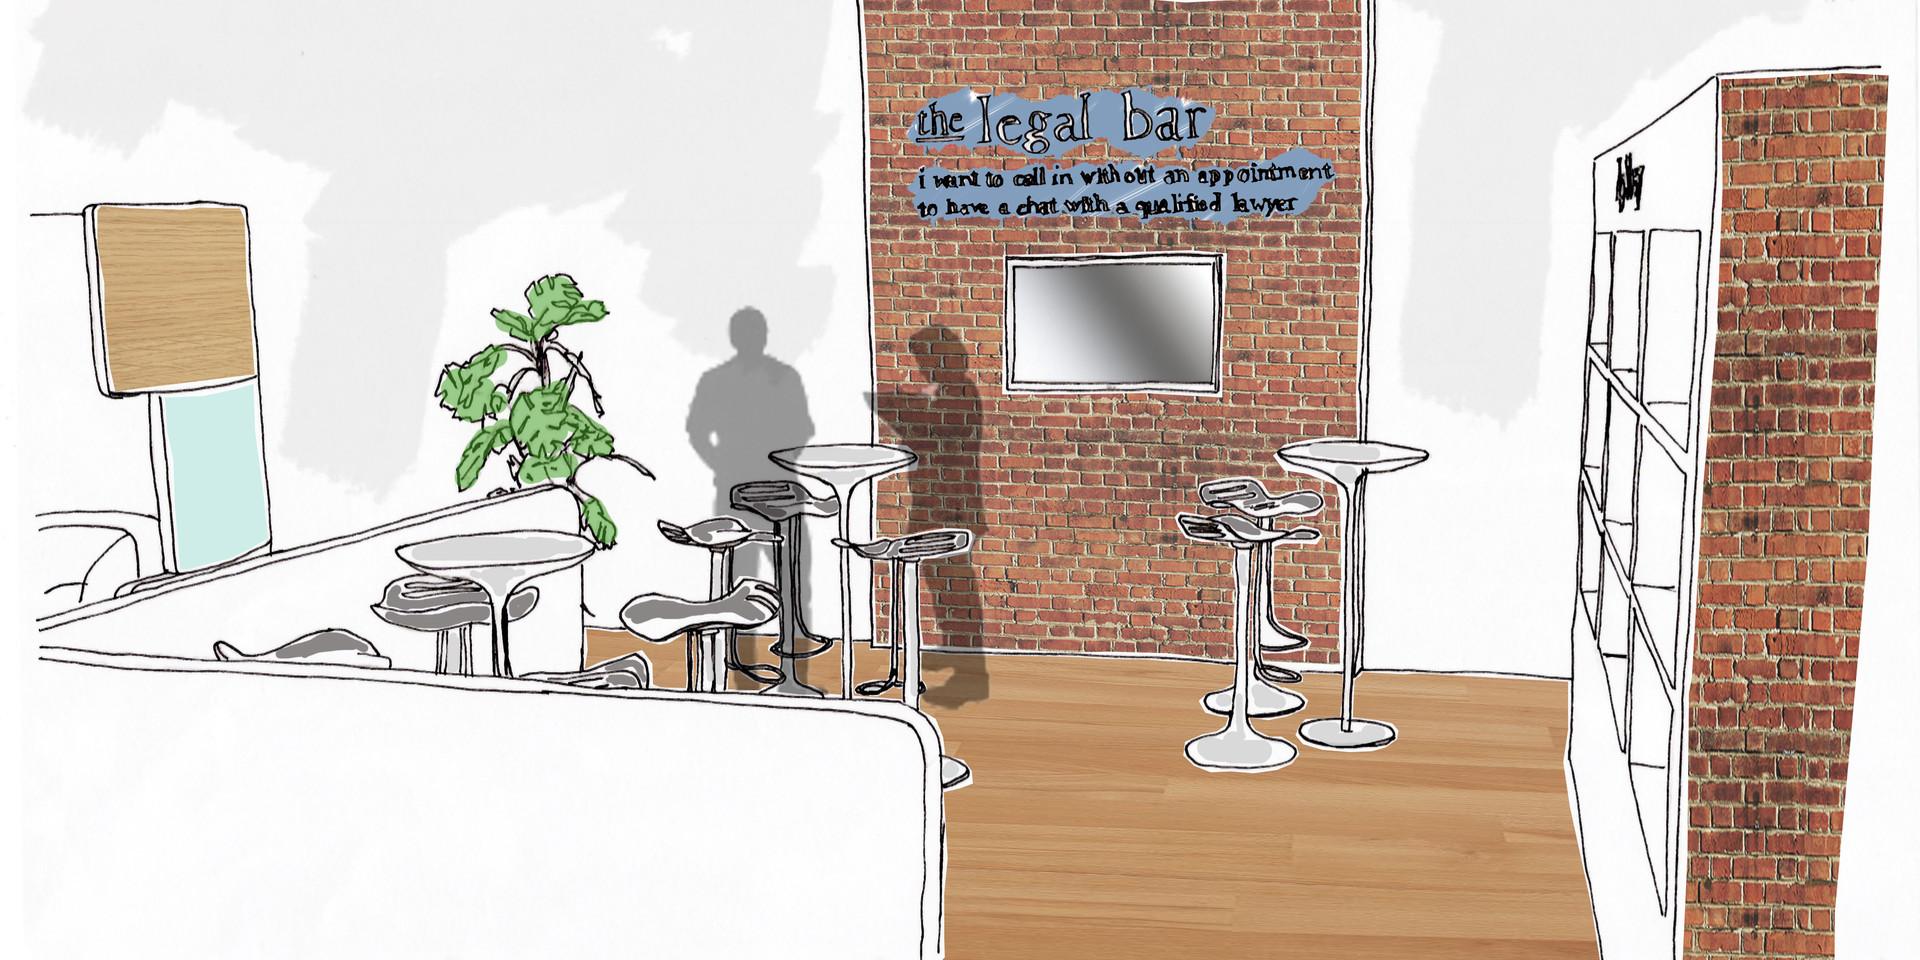 Legal Bar.jpg